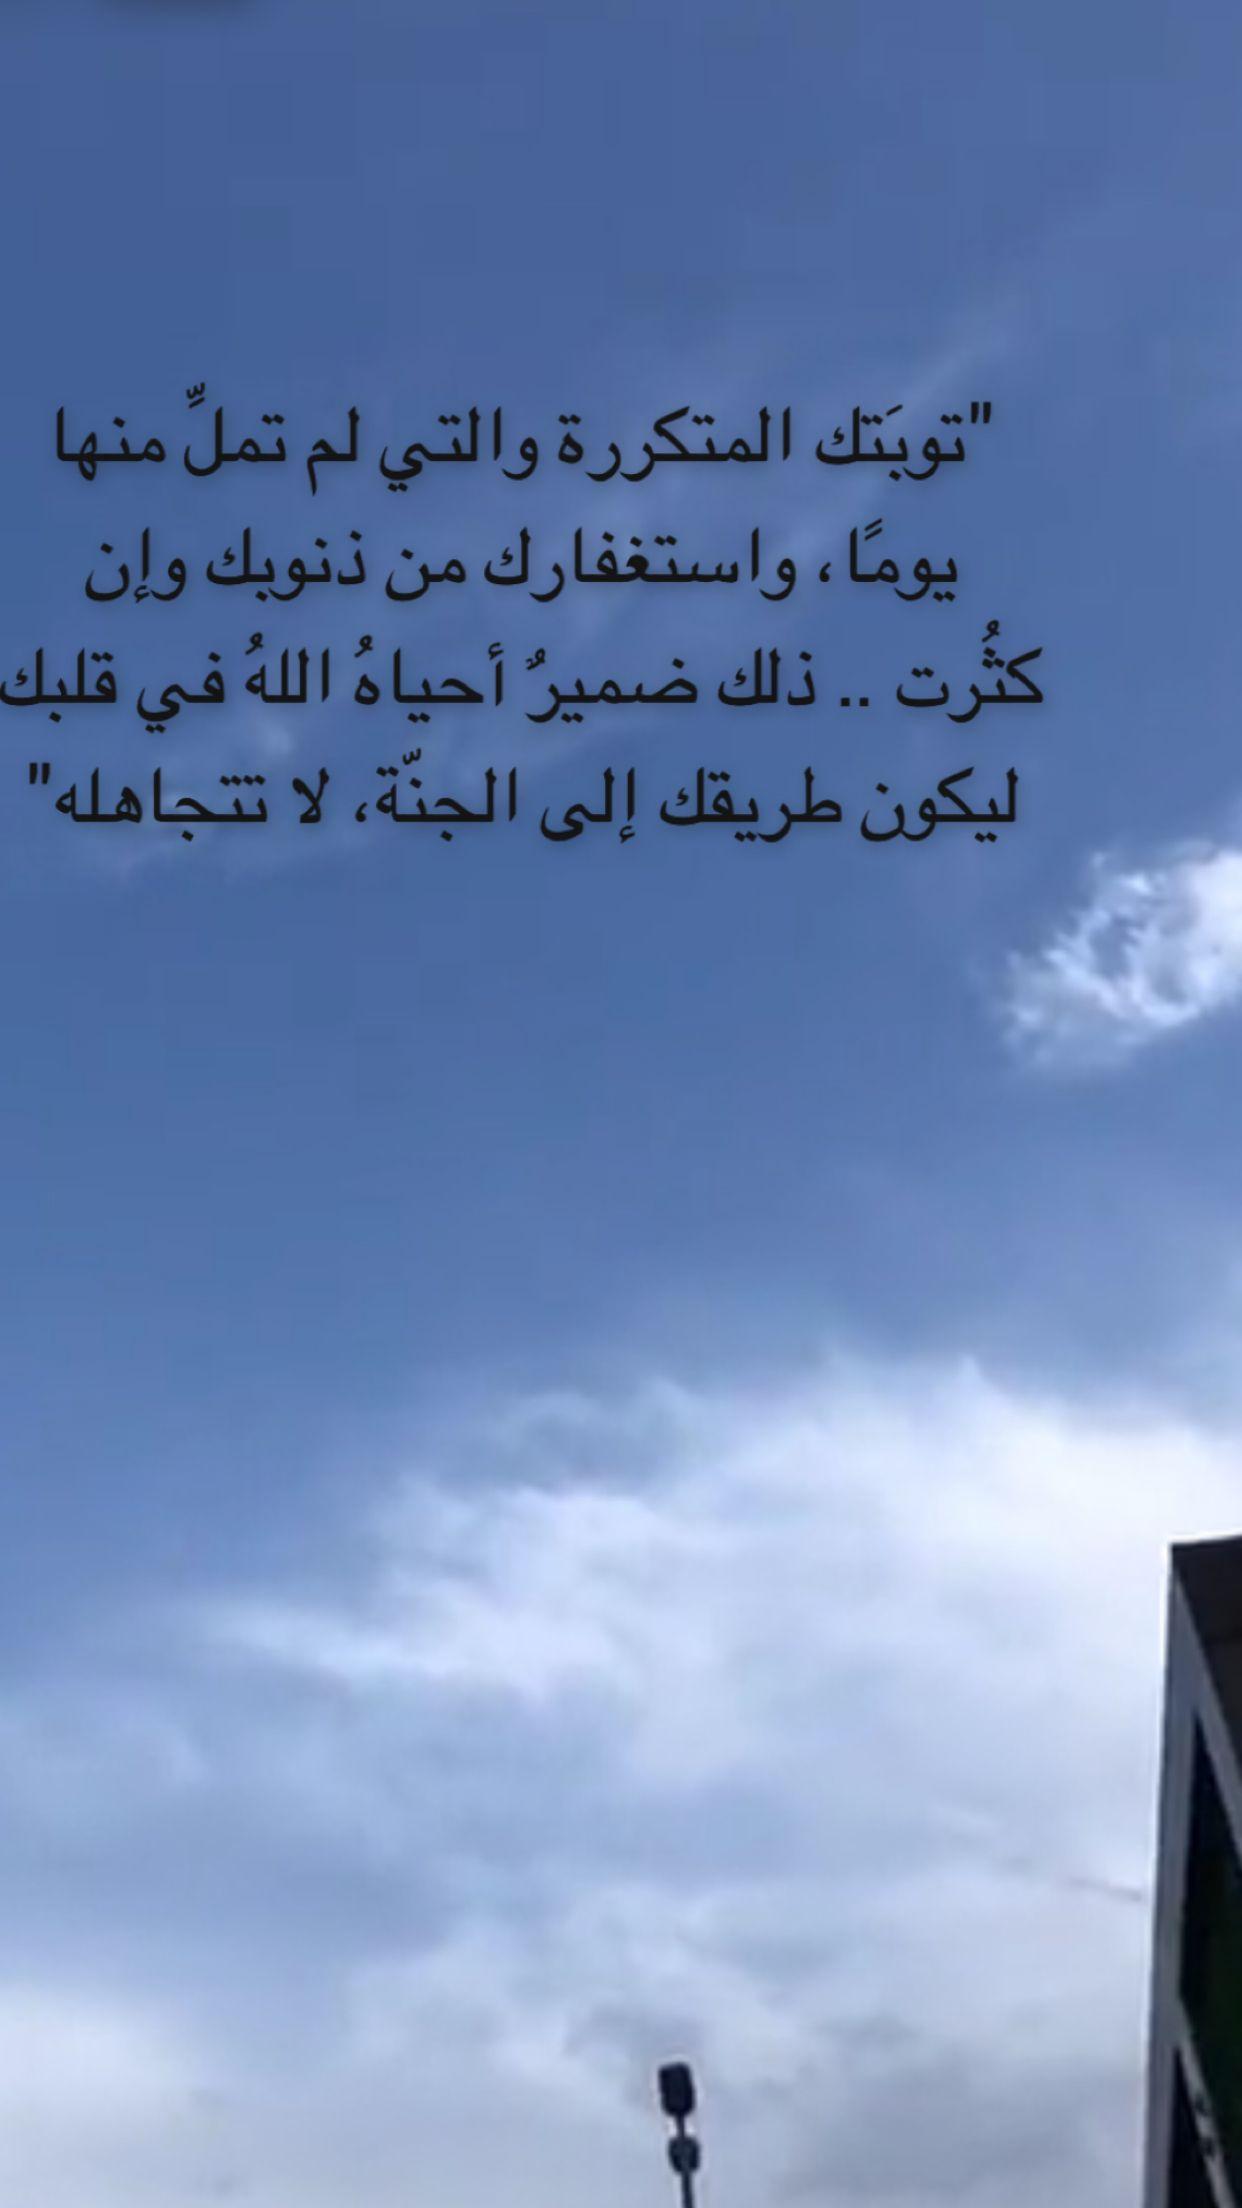 اللهم تب علينا و ارحمنا Phone Wallpaper Images Ramadan Lantern Peace Of Mind